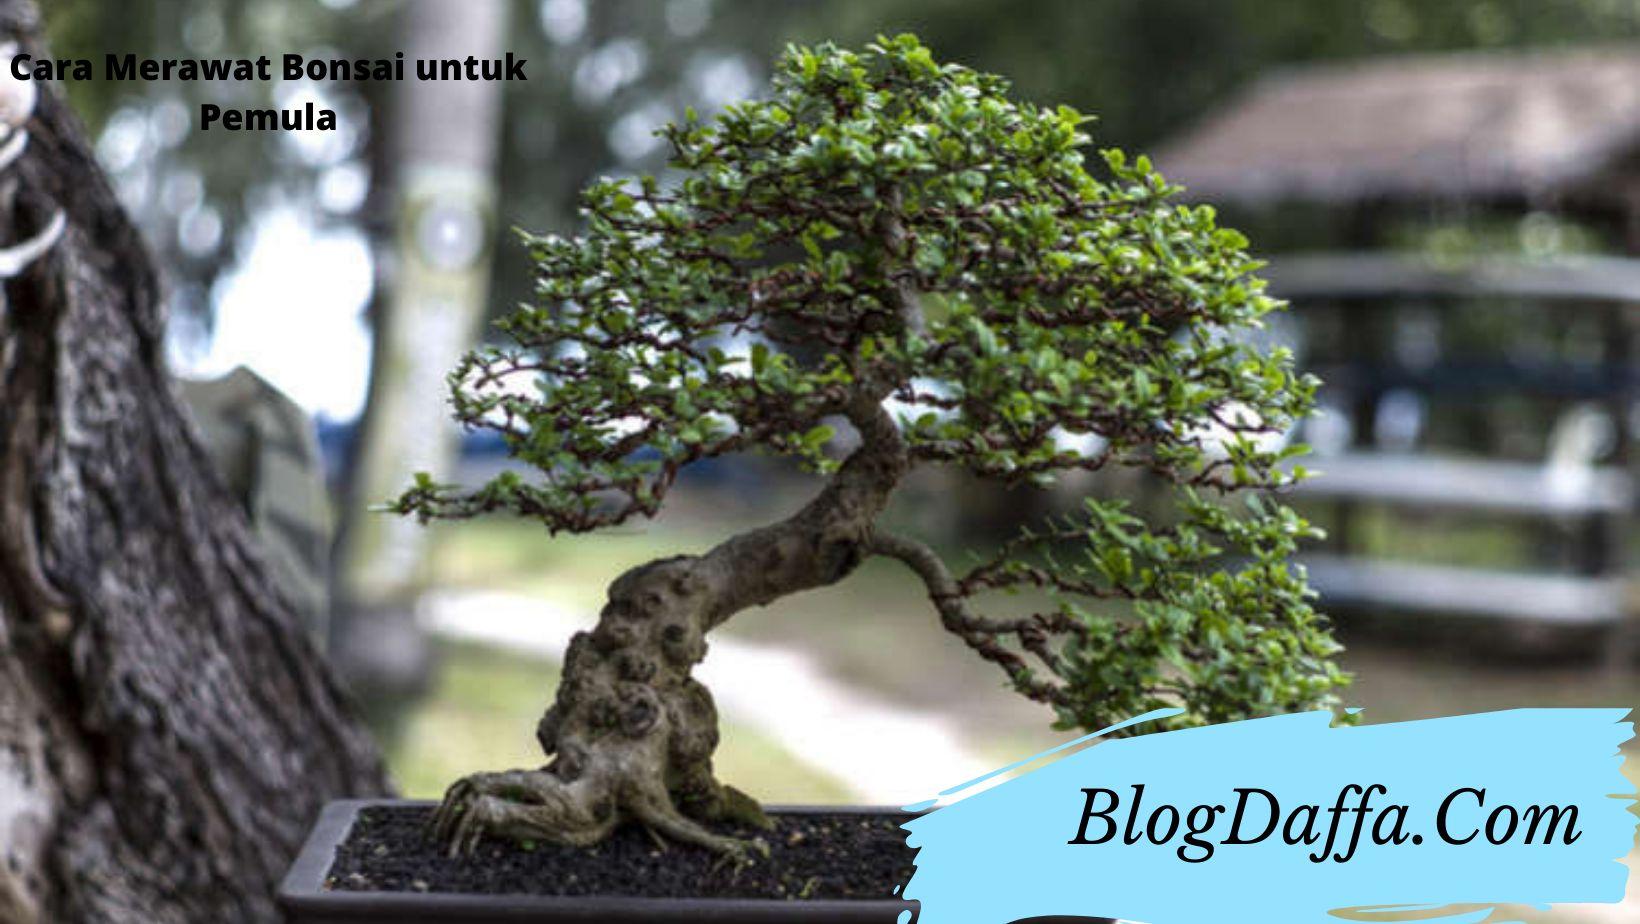 Cara merawat bonsai bagi pemula